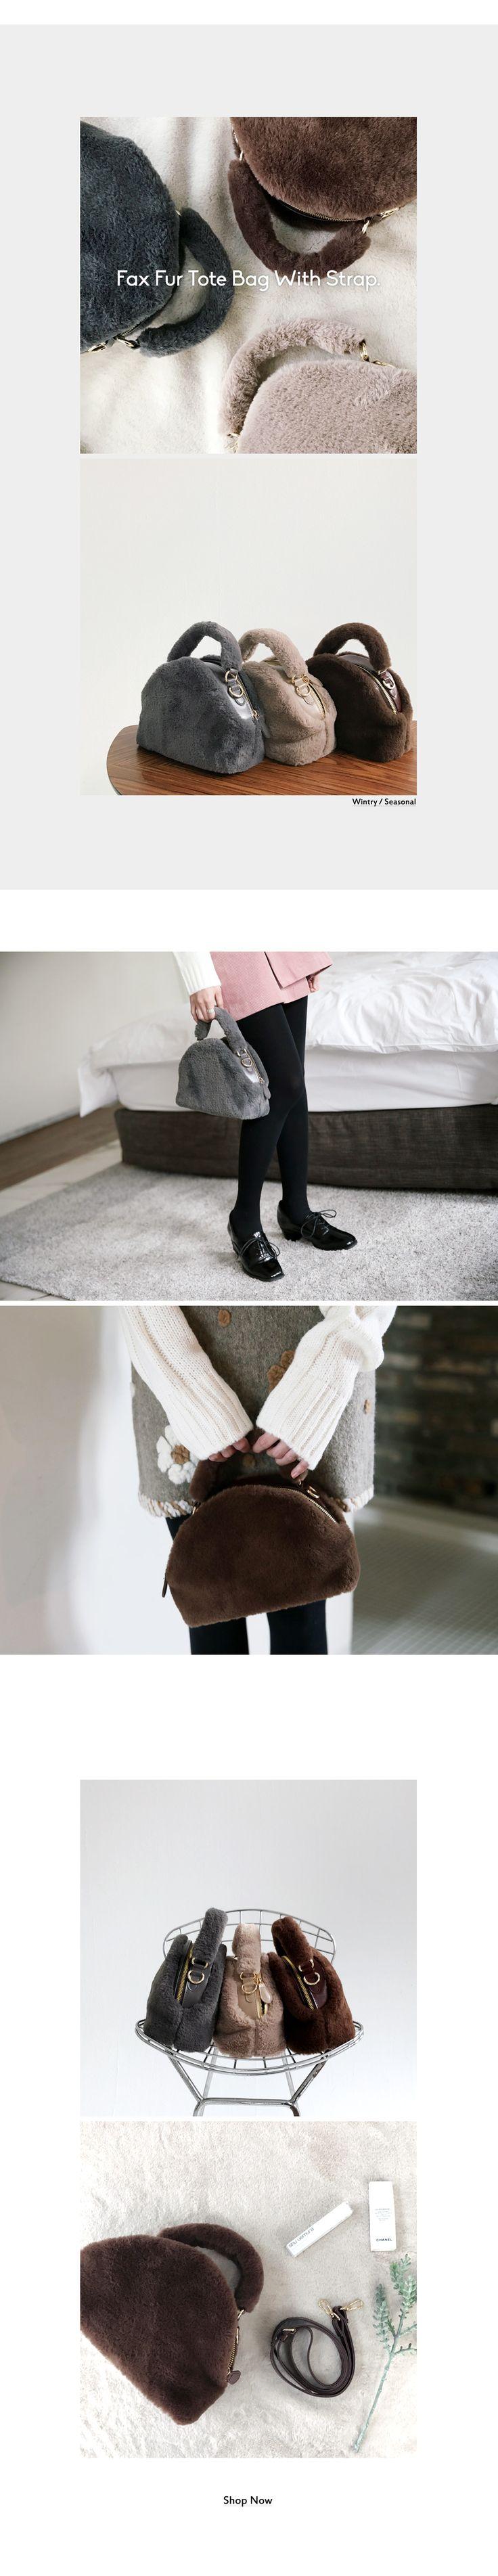 2WAYフェイクファーハンドバッグ・全4色バッグバッグ|レディースファッション通販 DHOLICディーホリック [ファストファッション 水着 ワンピース]